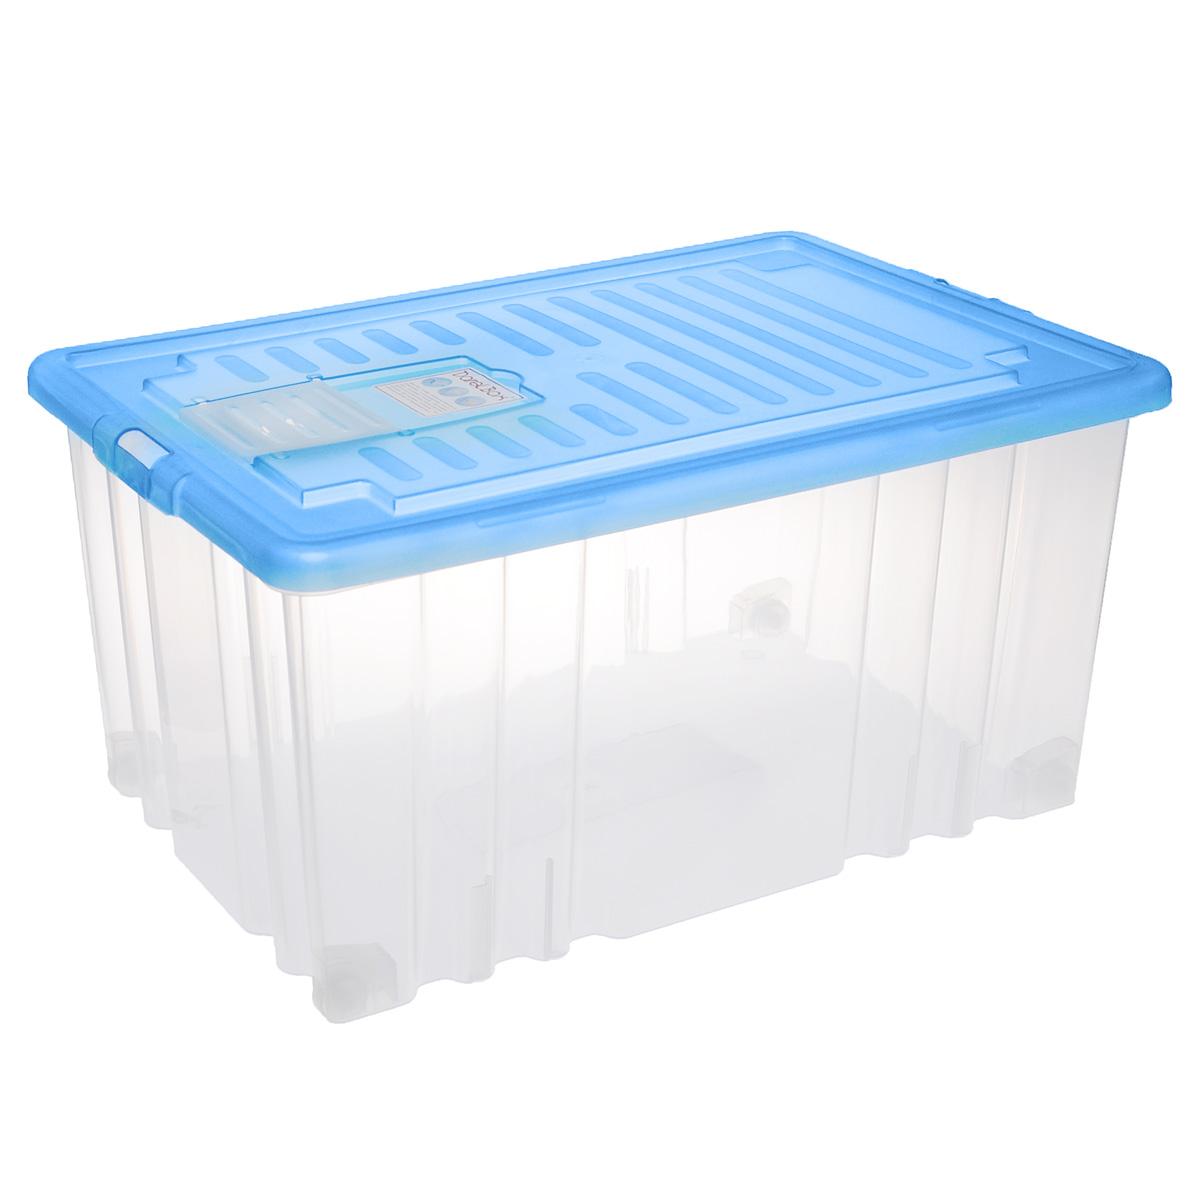 Ящик Darel Box, с крышкой, цвет: синий, прозрачный, 56 л74-0120Ящик Darel Box, изготовленный из прозрачного пластика, оснащен плотно закрывающейся крышкой и специальным клапаном для антимолиевых и дезодорирующих веществ. Изделие предназначено для хранения различных бытовых вещей. Идеально подойдет для хранения белья, продуктов, игрушек. Будет незаменим на даче, в гараже или кладовой. Выдерживает температурные перепады от -25°С до +95°С. Изделие имеет четыре маленьких колесика, обеспечивающих удобство перемещения ящика. Колеса бокса могут принимать два положения: утопленное - для хранения, и рабочее - для перемещения. Размер ящика: 65 см х 41,5 см х 31 см.